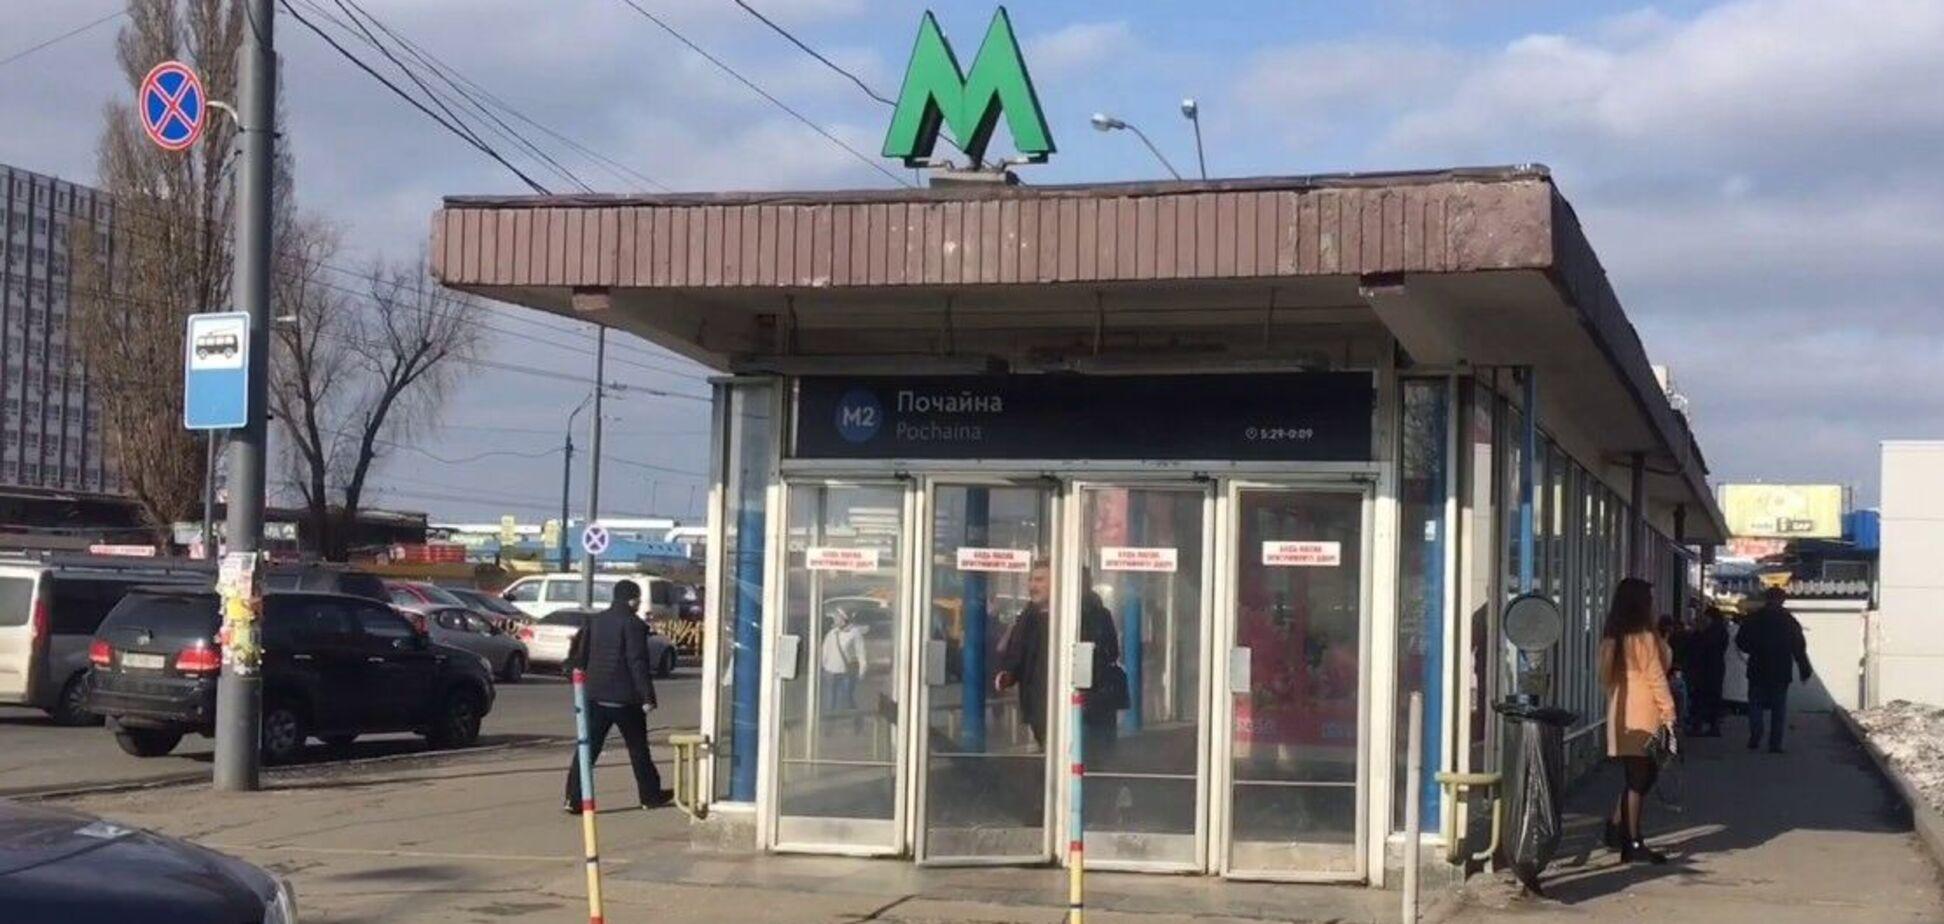 Конфликт произошел неподалеку от метро 'Почайна'